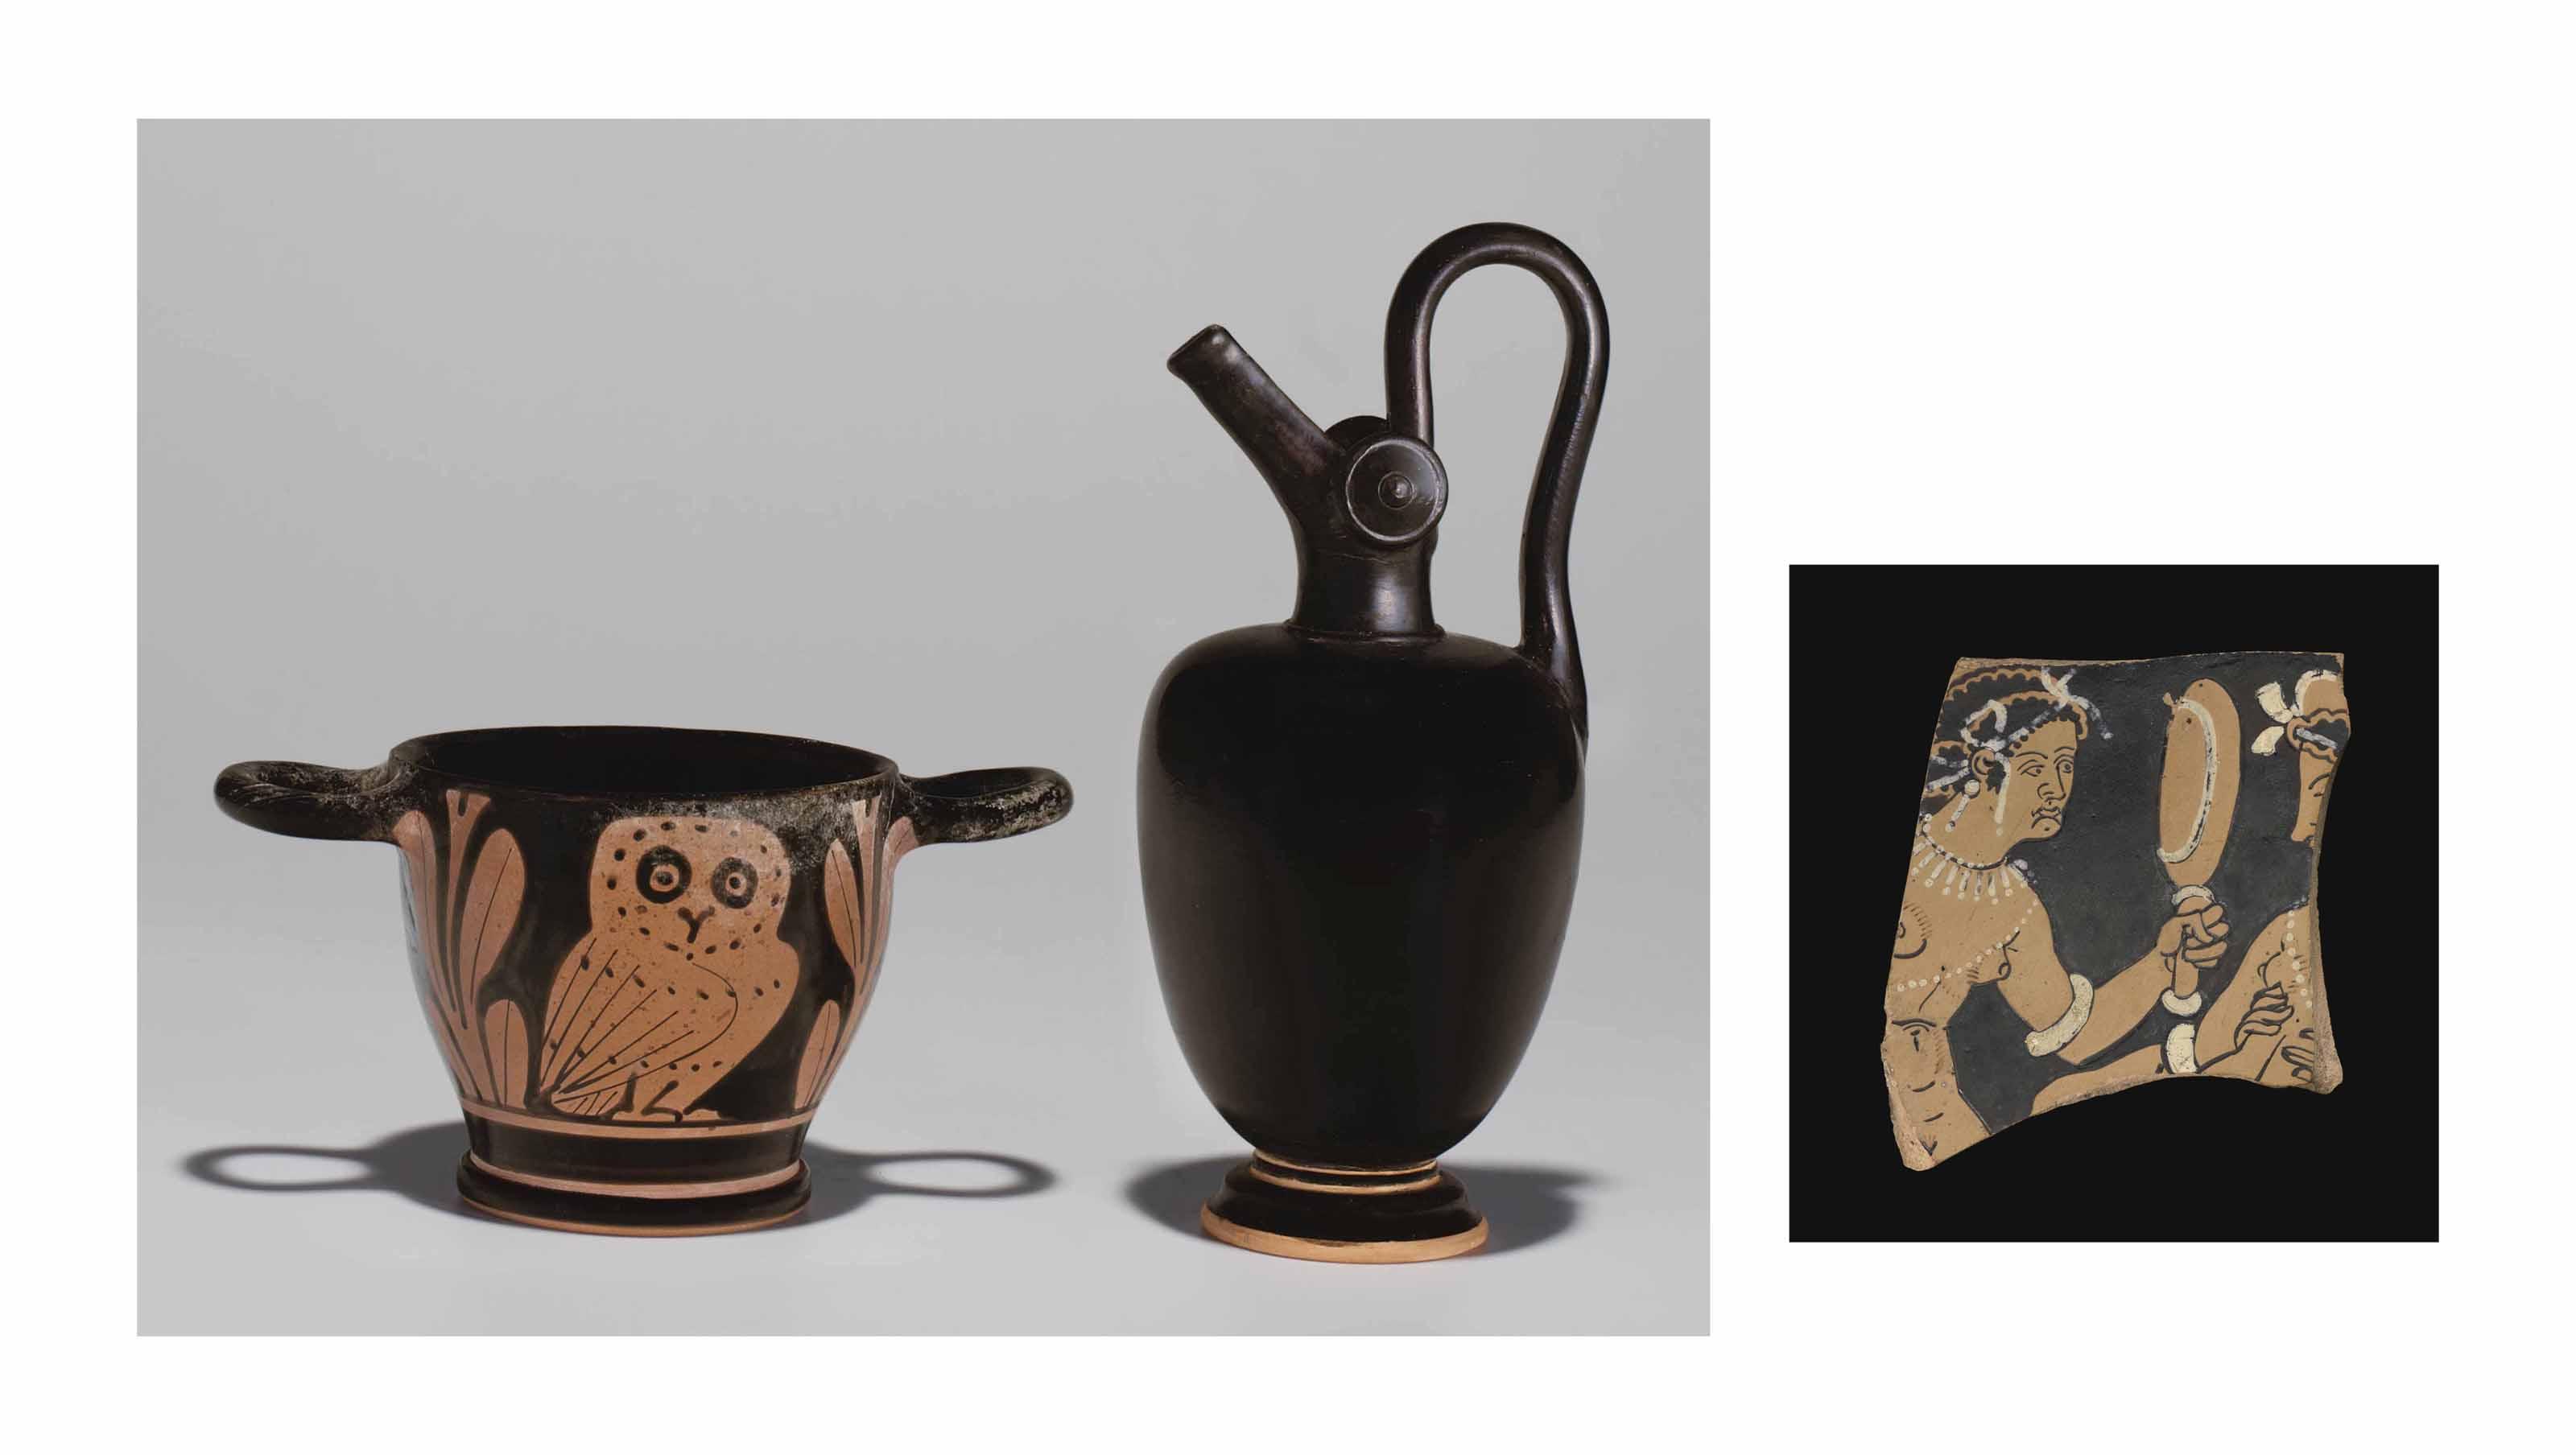 TWO GREEK POTTERY VESSELS